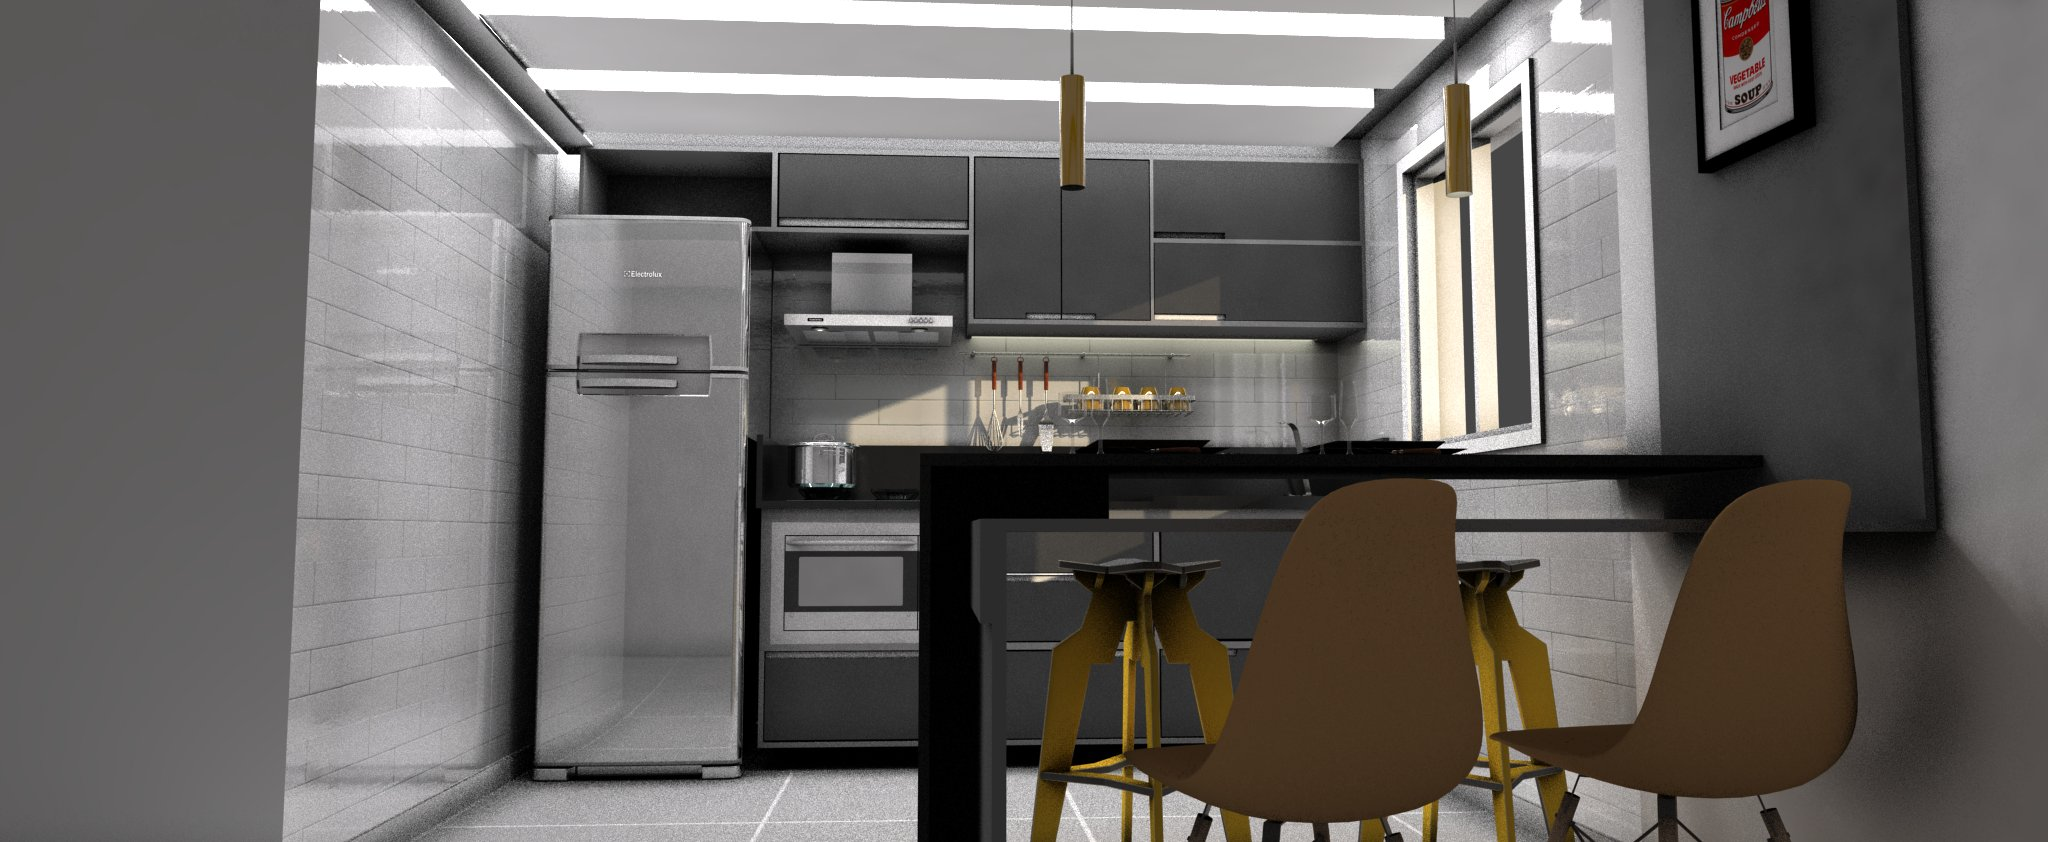 designer de inteiores em curitiba design de interiores arquitetos  #5F4422 2048 842